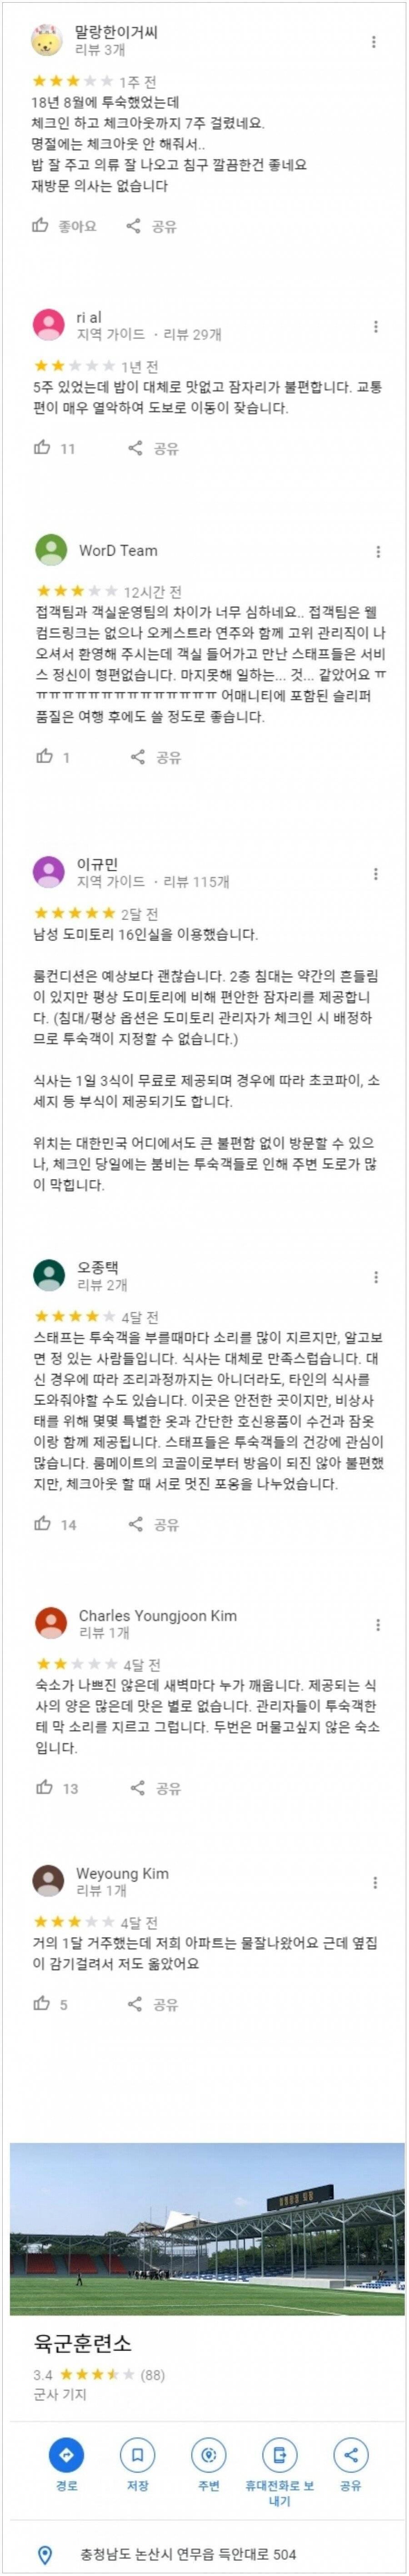 평점 3.4점의 한국 숙박업소 | 인스티즈